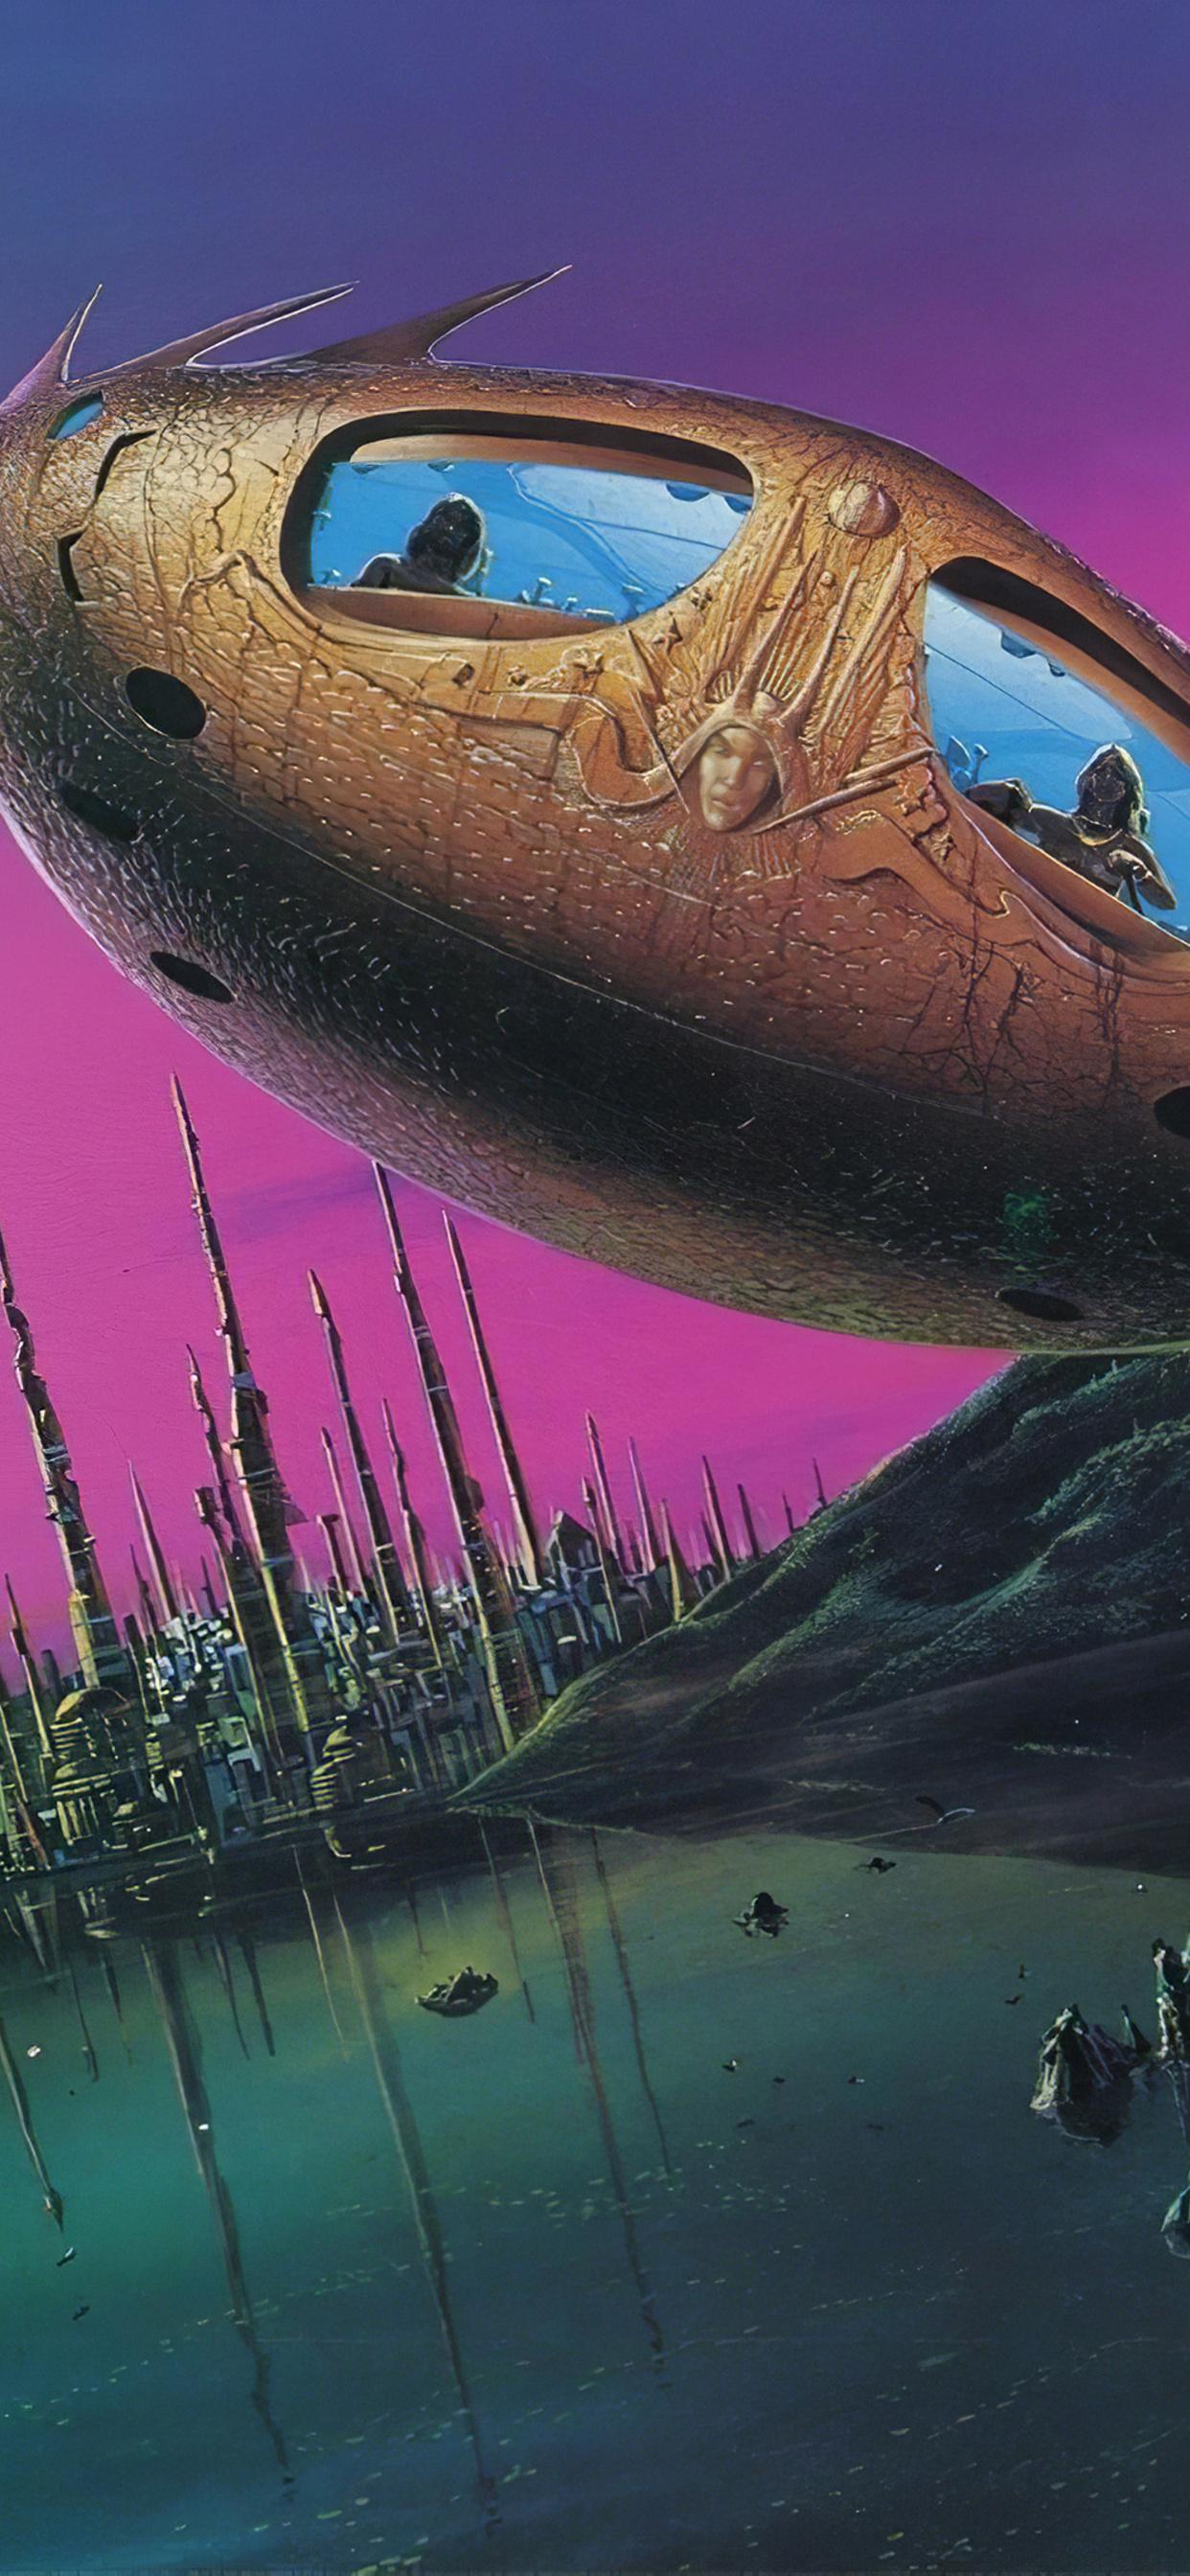 alien-ship-ufo-4k-sx.jpg